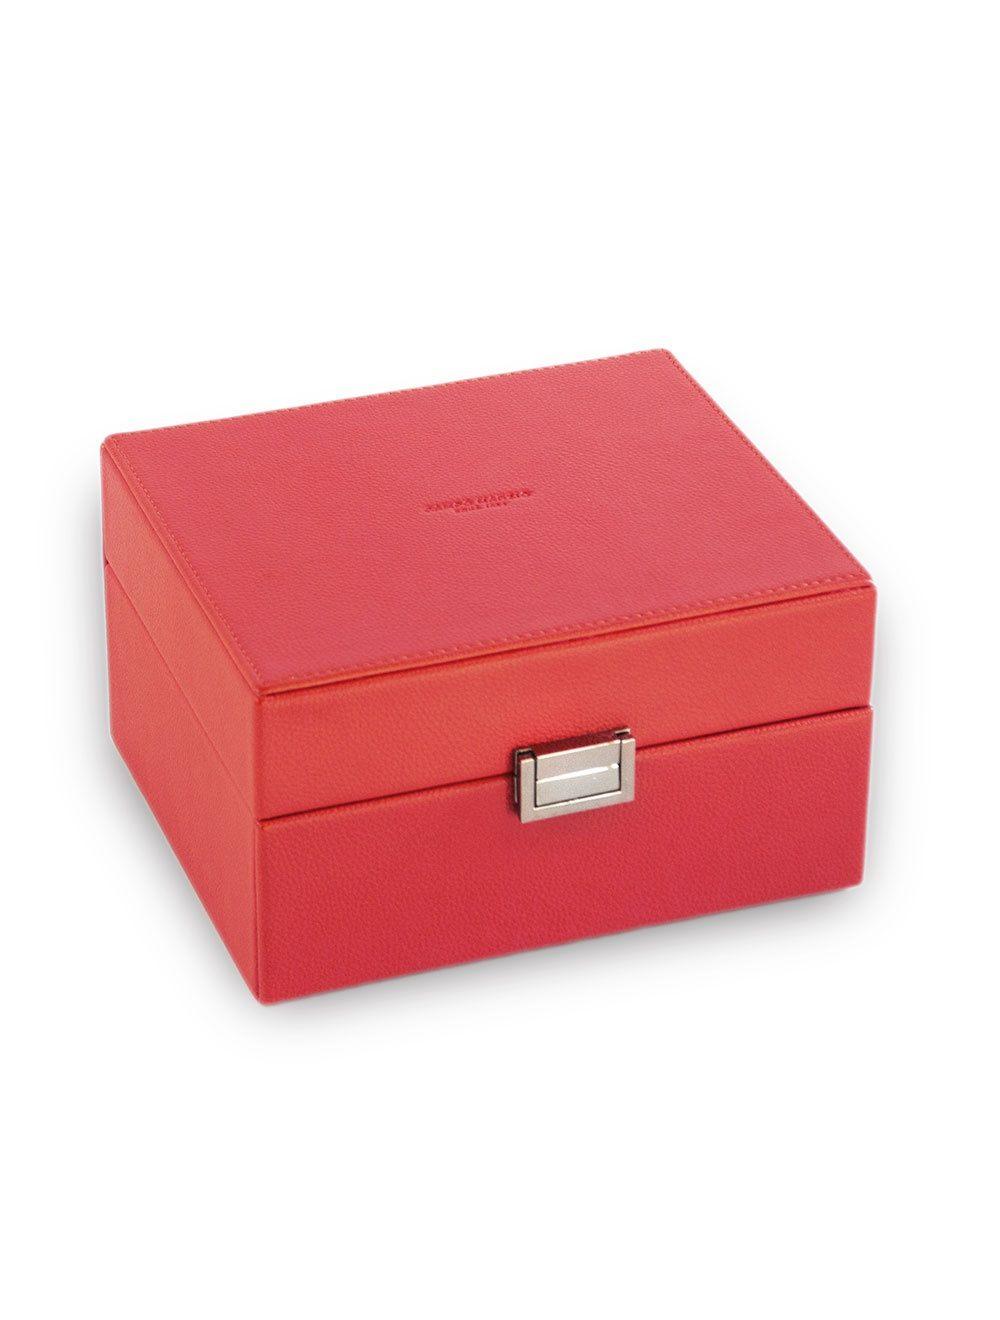 Writing Gift Set - Cherry Red